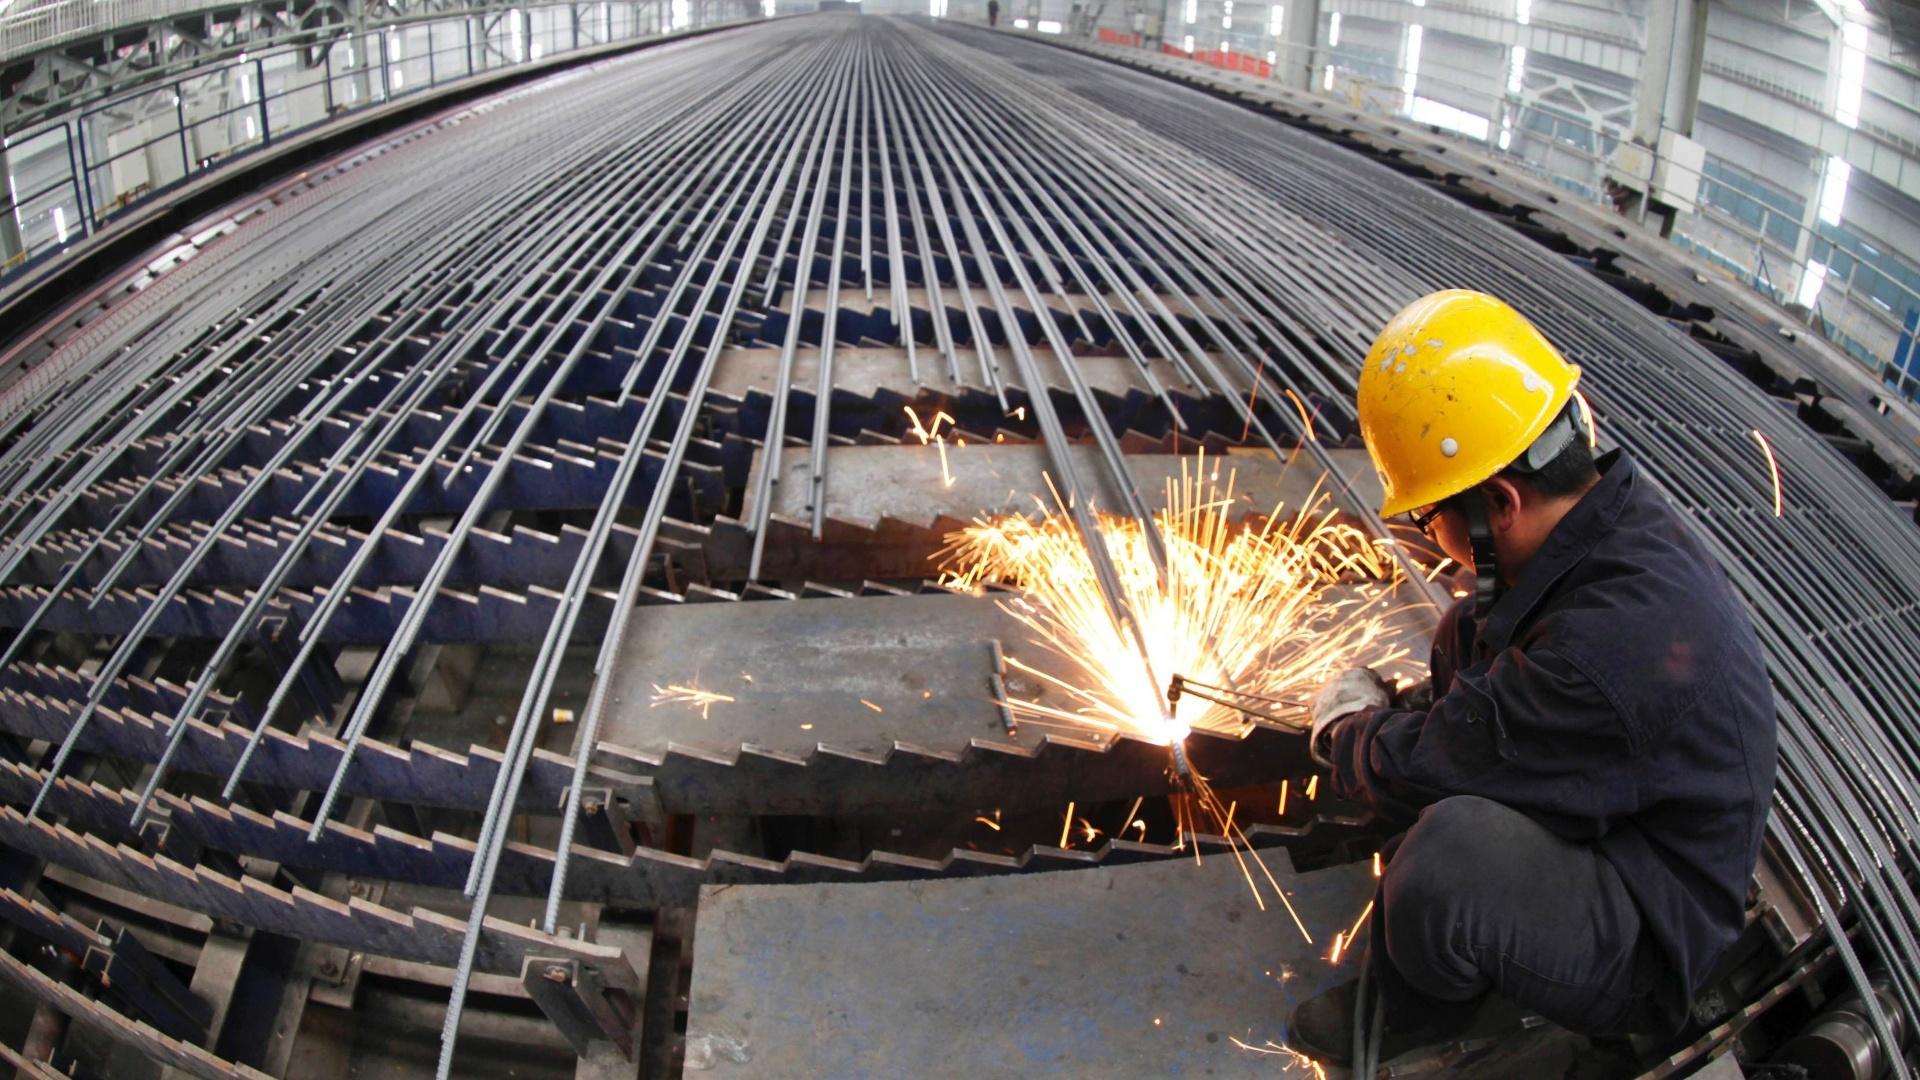 Governo diz que vai recorrer nos EUA para sair da lista de sobretaxa do aço